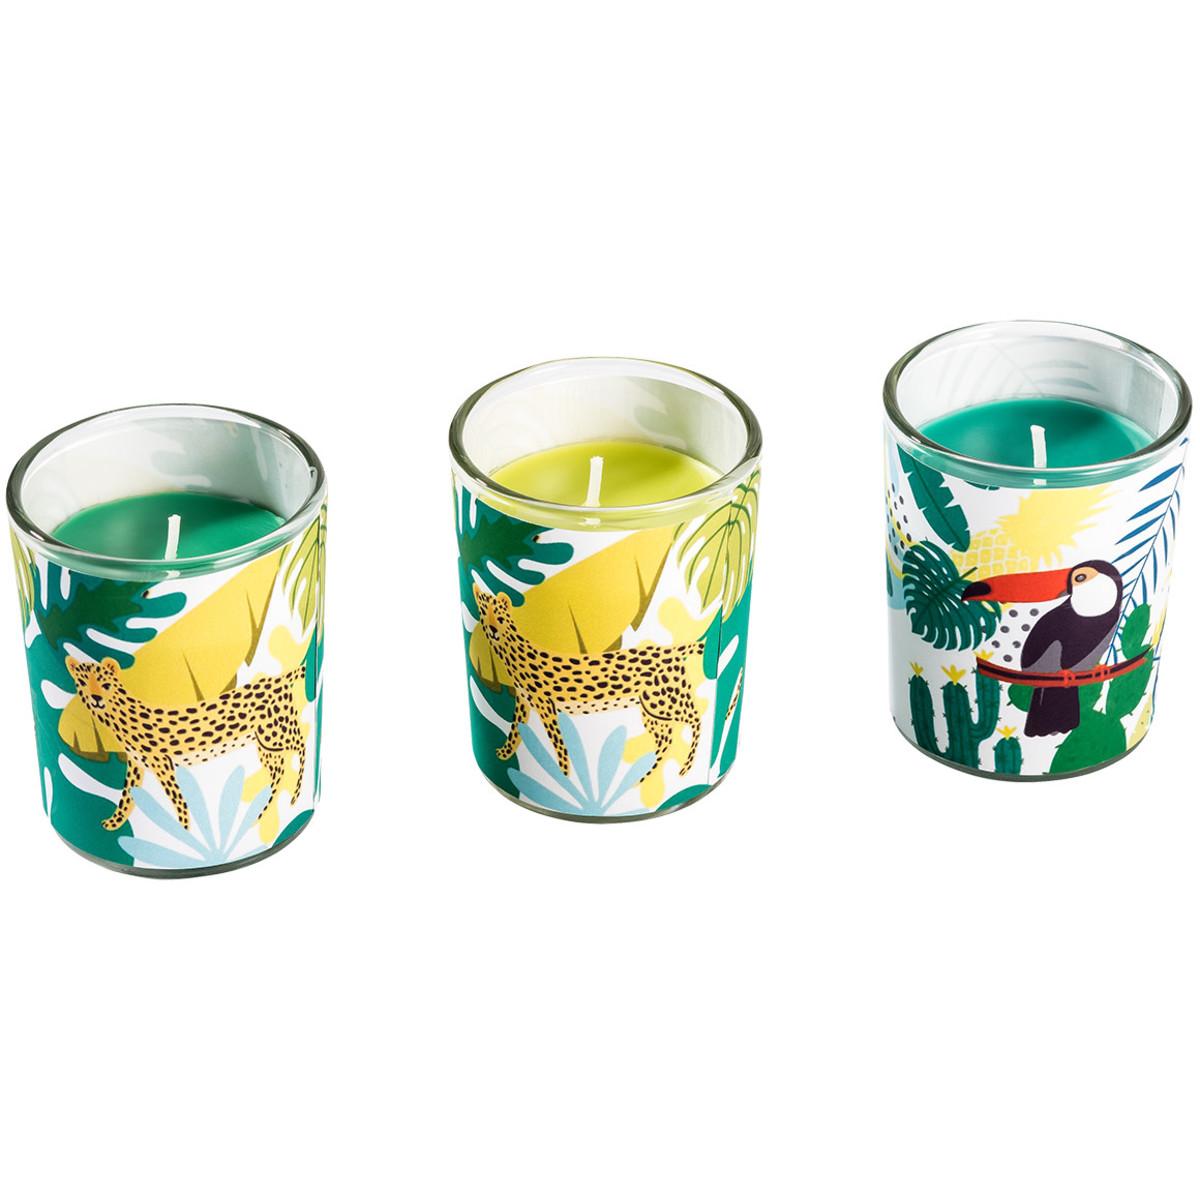 Bild 1 von 3 Kerzen im Glas mit Dschungel-Motiven